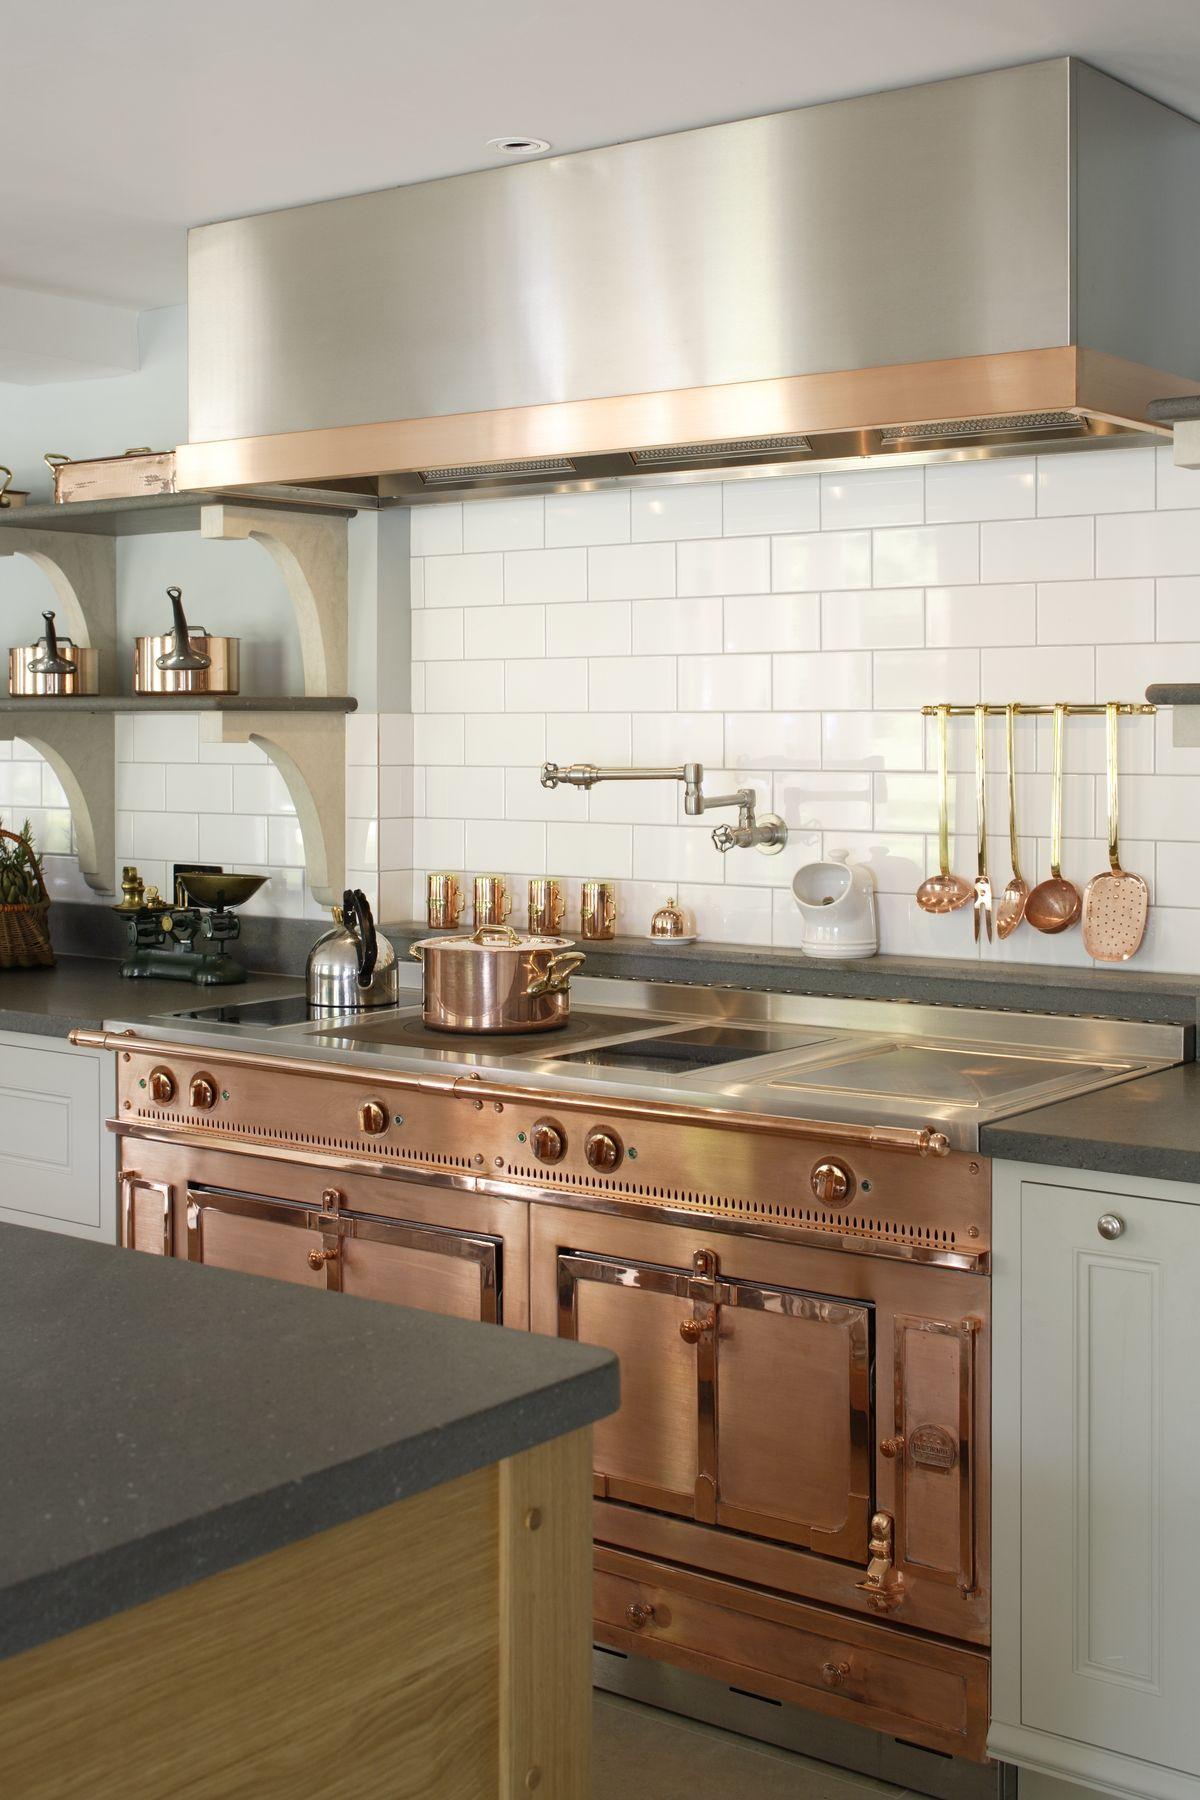 beautiful edwardian style kitchen by artichoke artichokes